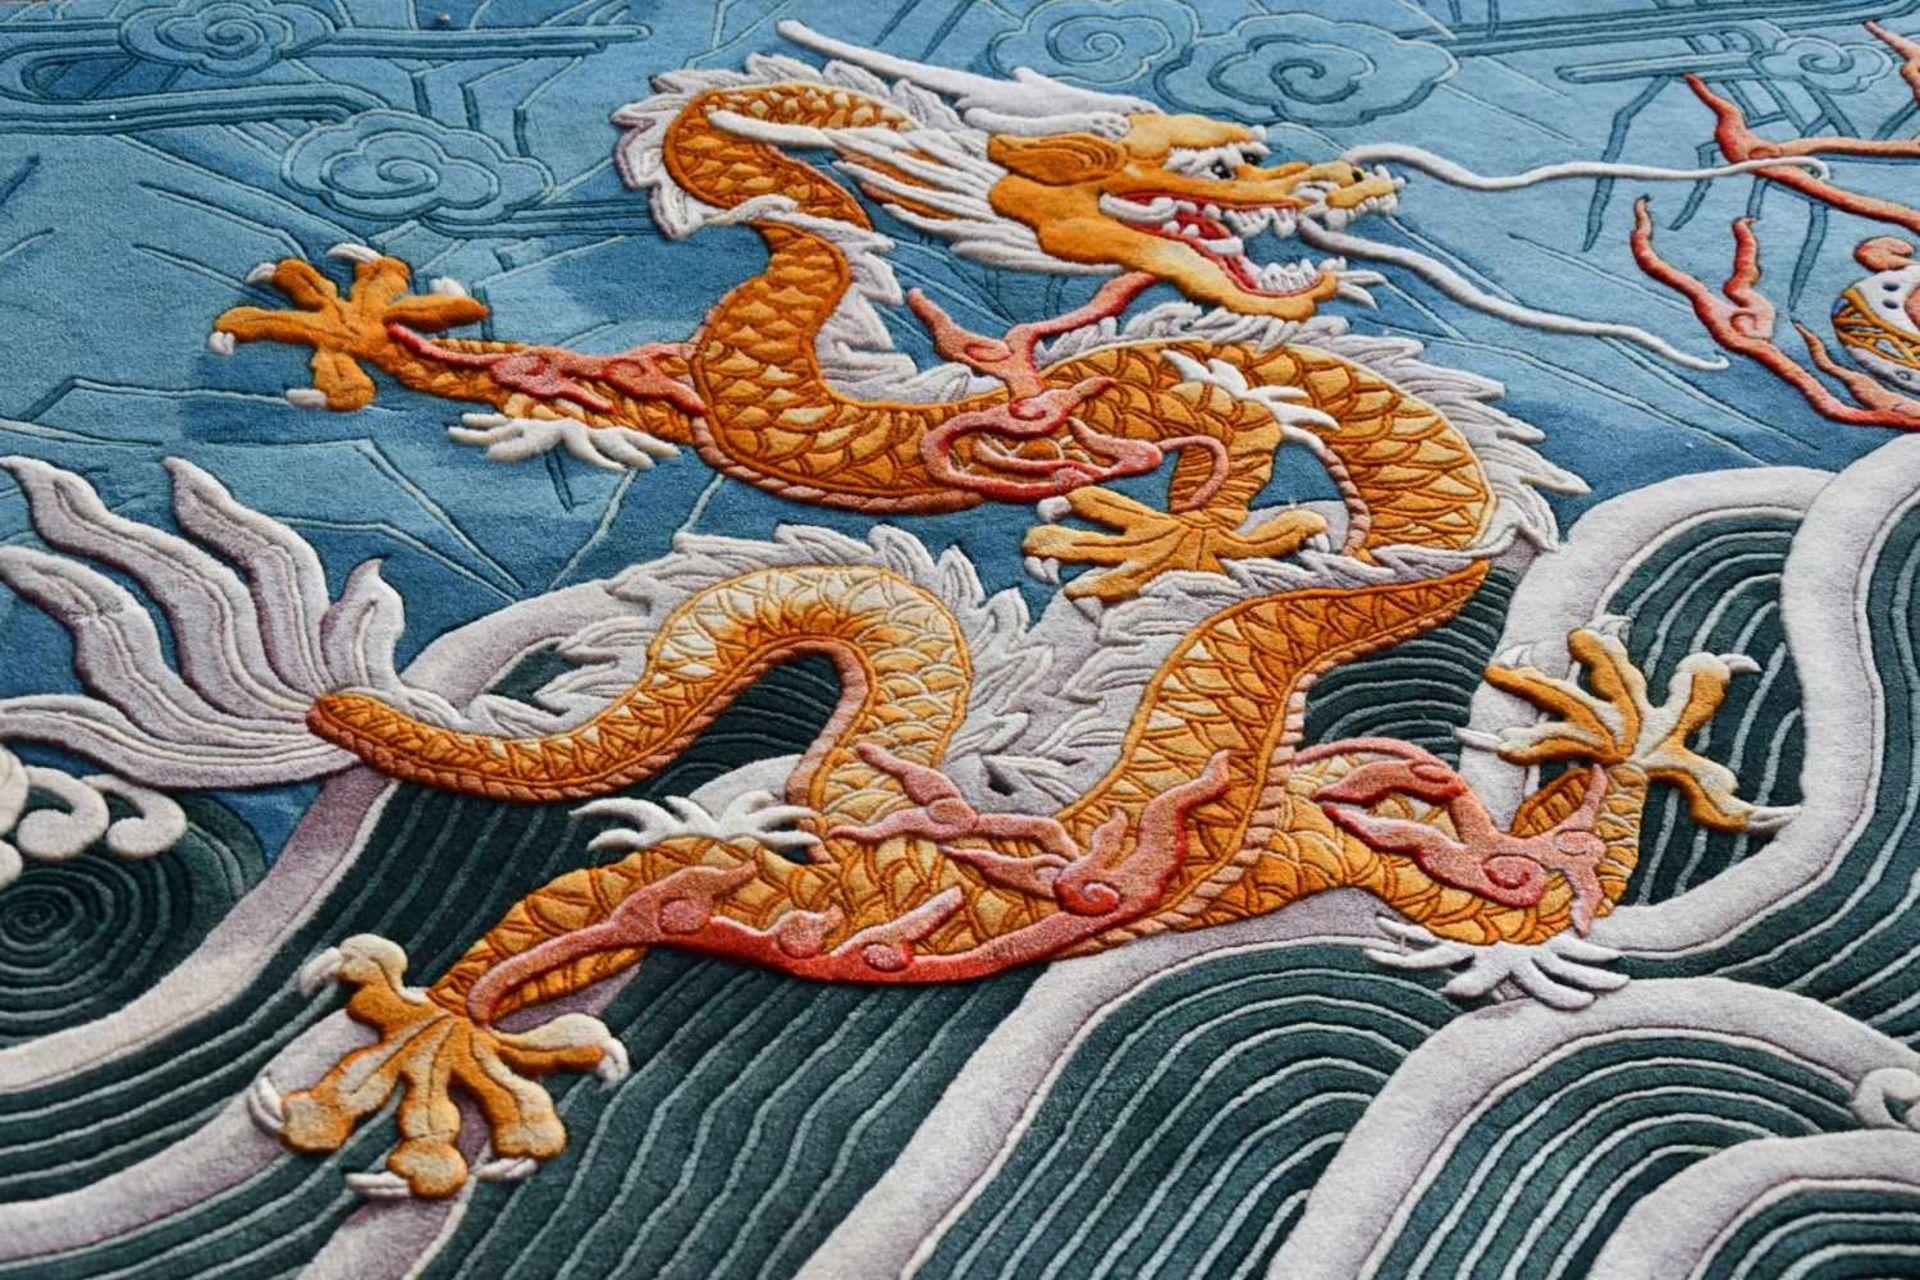 Großer Wandteppich, ChinaKampf des goldenen und blauen Drachen auf türkisfarbenem Fond, unten - Bild 2 aus 6